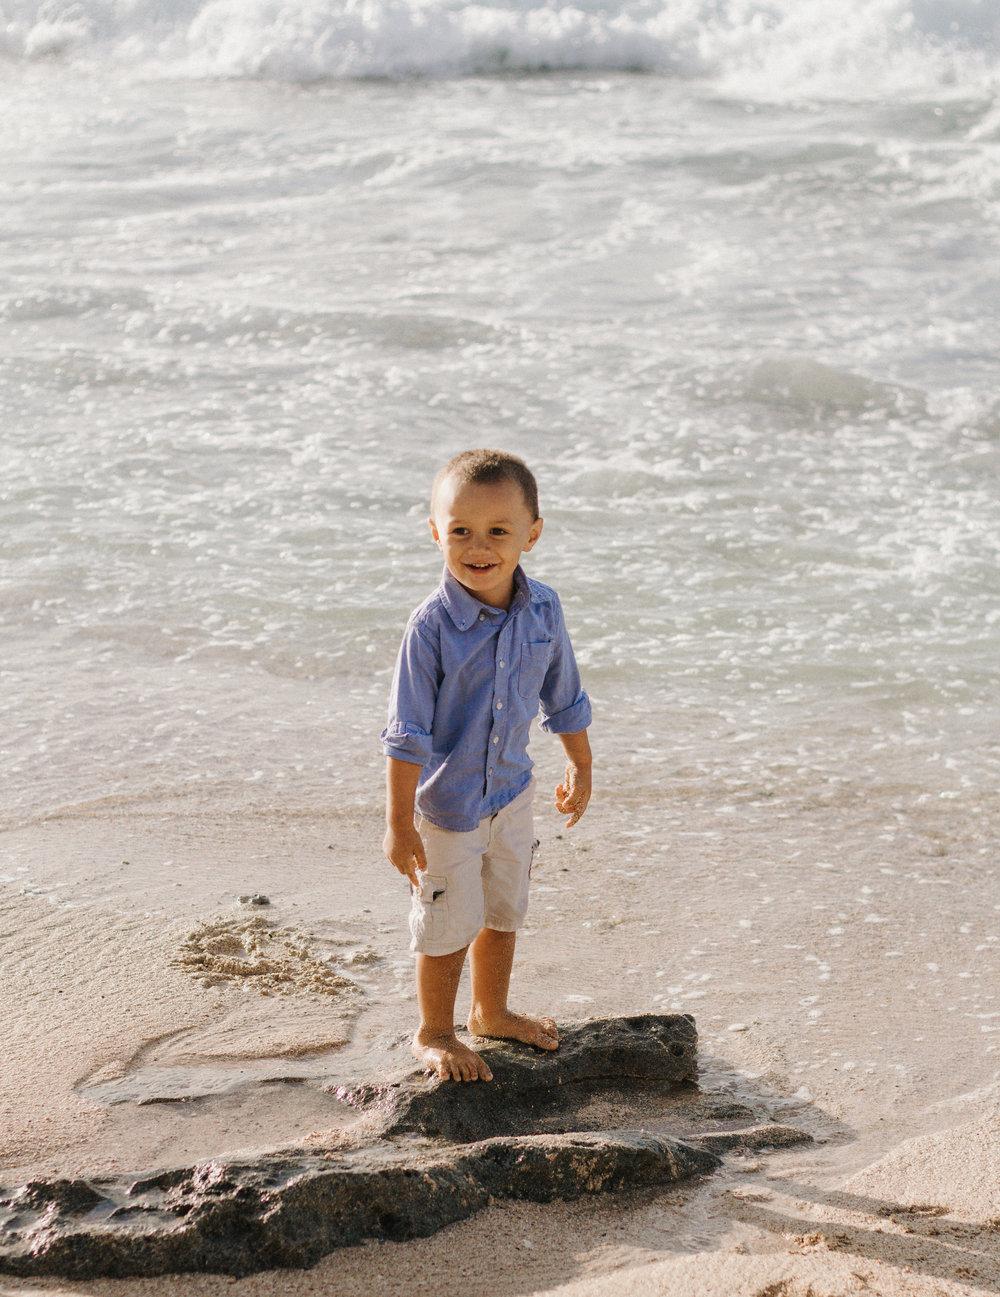 Tainui, Age 3